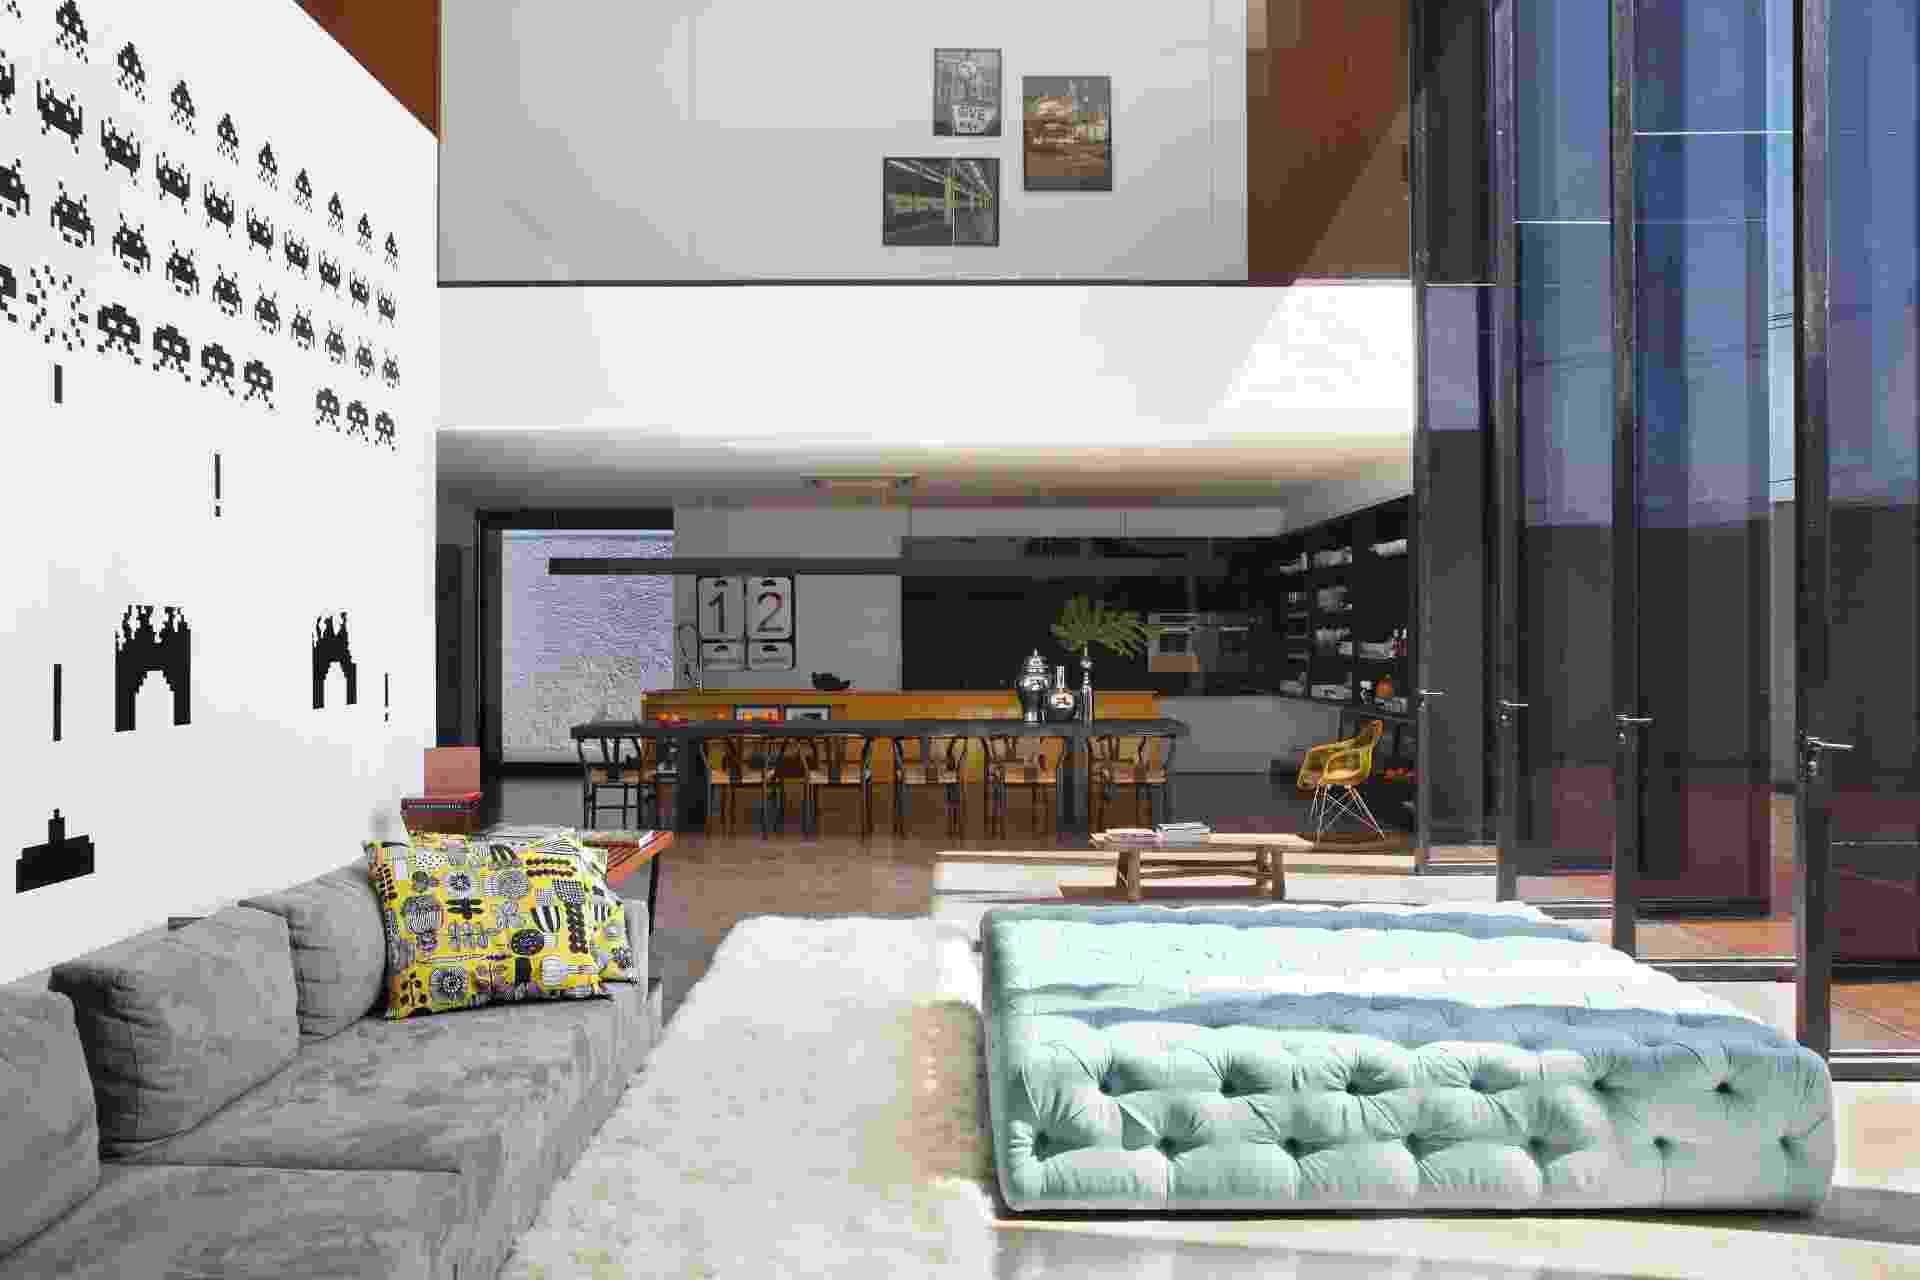 """Além do estar, com sua parede solteira decorada por adesivos dos """"Space Invaders"""", famosos """"personagens"""" do jogo homônimo para o console Atari dos anos 1980, desse ângulo, vê-se a sala de jantar e a cozinha ao fundo e, acima, a parede que delimita os dormitórios. Em primeiro plano, o sofá MiCasa foi combinado ao pufe Miniloft. A LA House foi projetada pelo Studio Guilherme Torres e fica em Londrina (PR) - Denilson Machado (MCA Estúdio)/ Divulgação"""